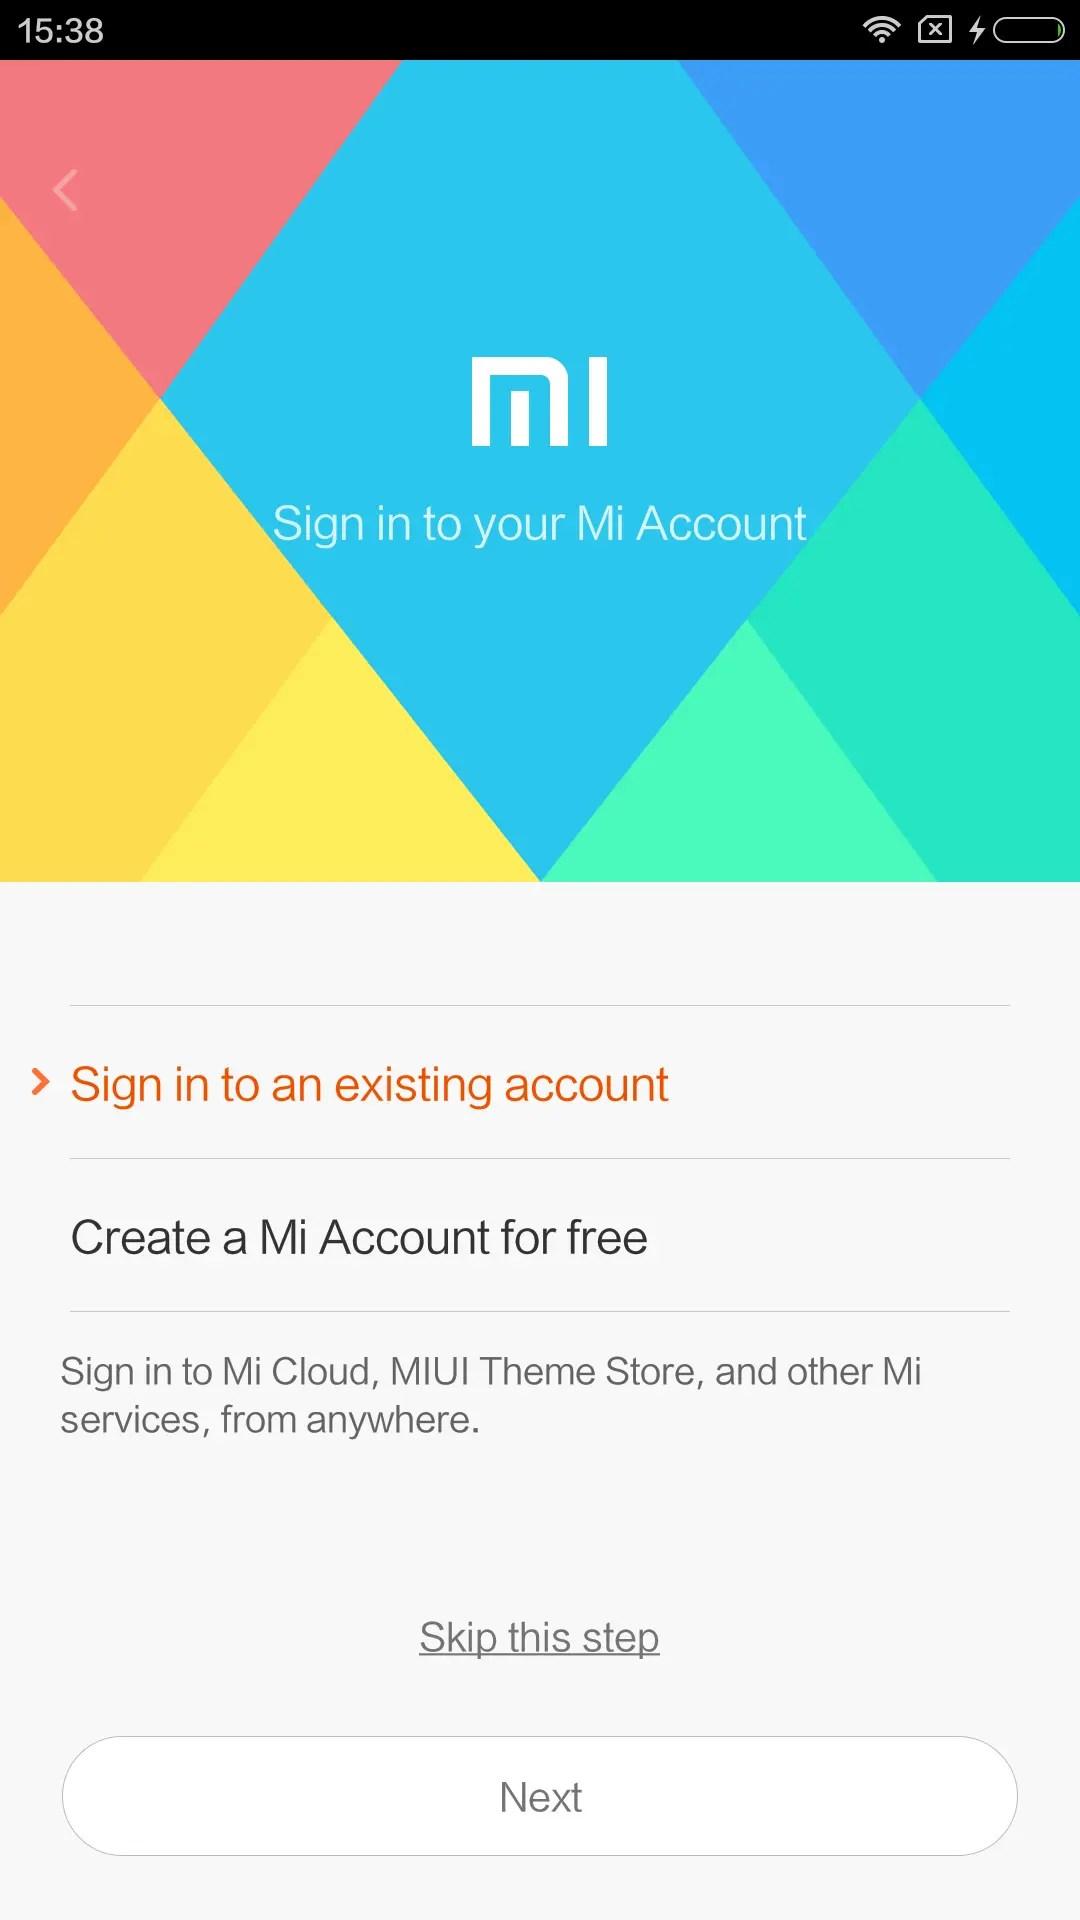 Mi Accountにログイン、無い場合はココでアカウントを作る